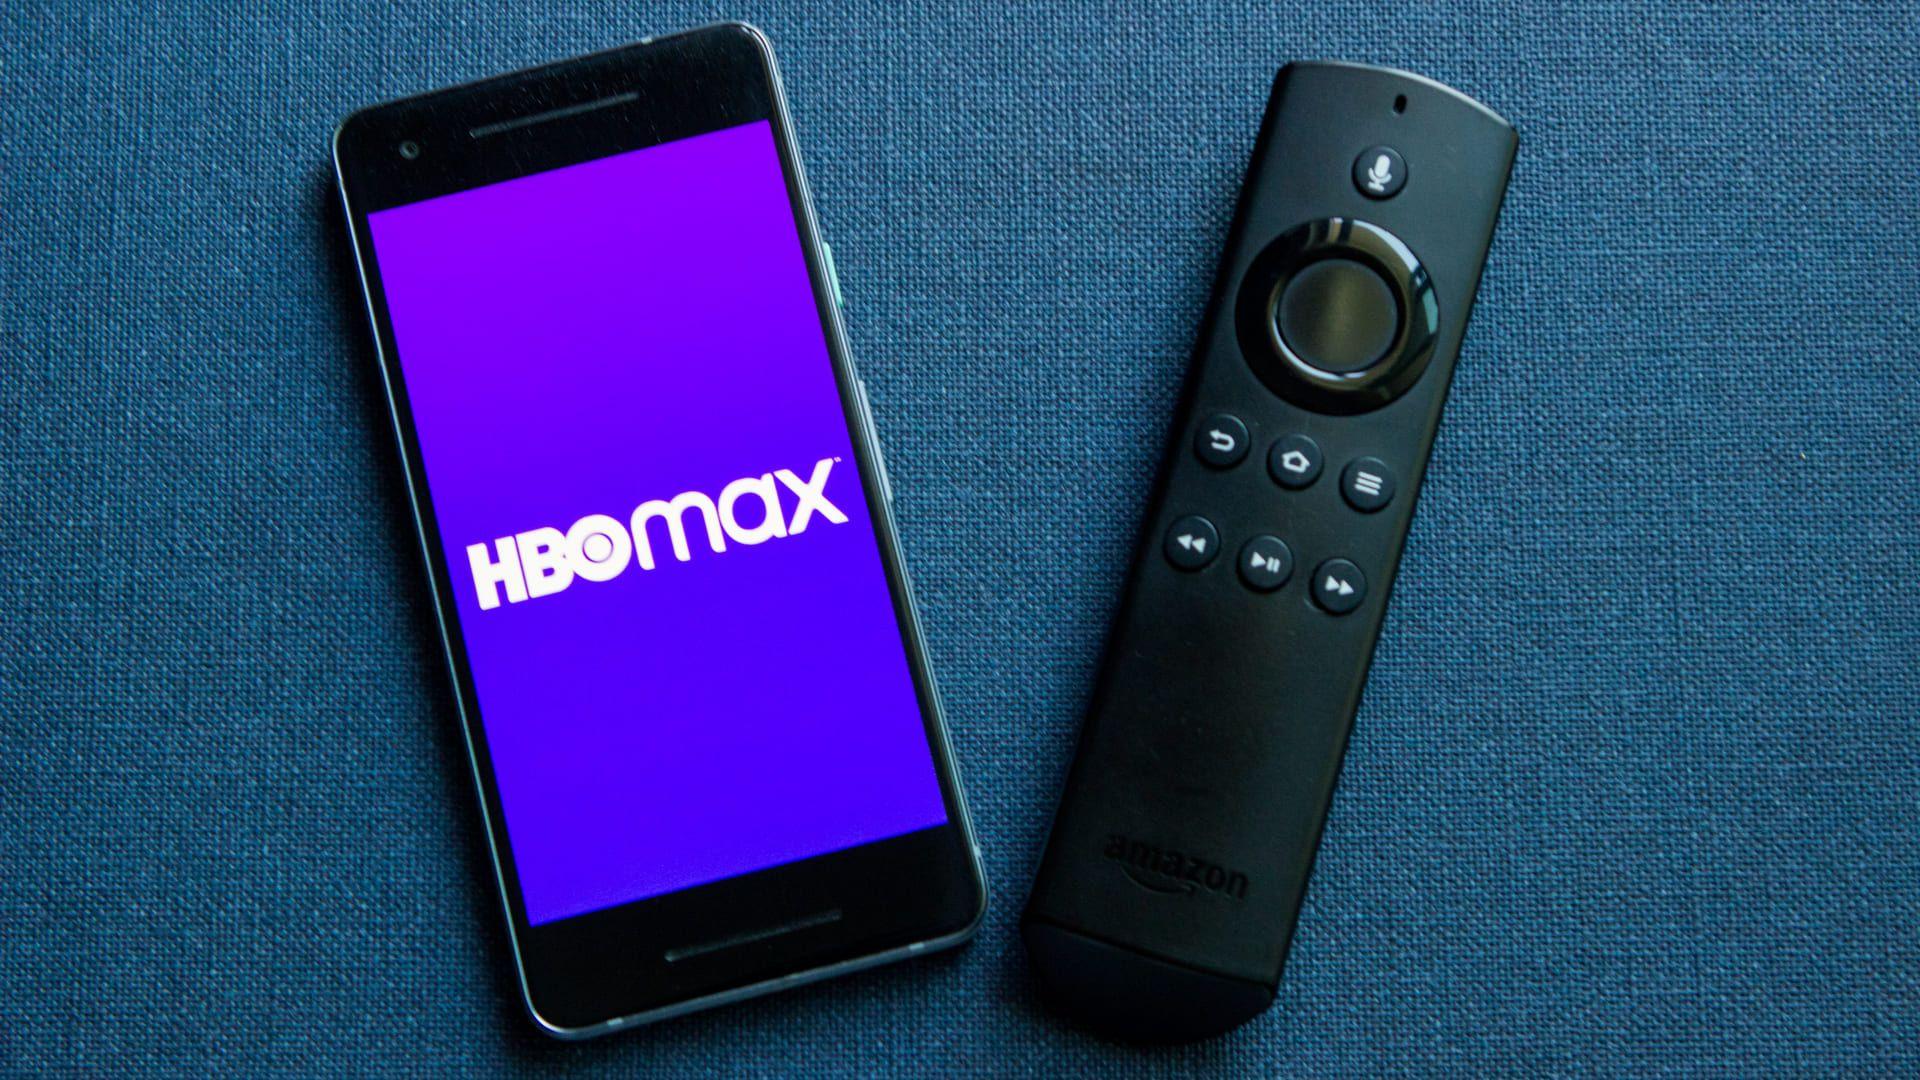 O primeiro aplicativo para TV box sugerido é o novo HBO Max. (Imagem: Reprodução/Shutterstock)